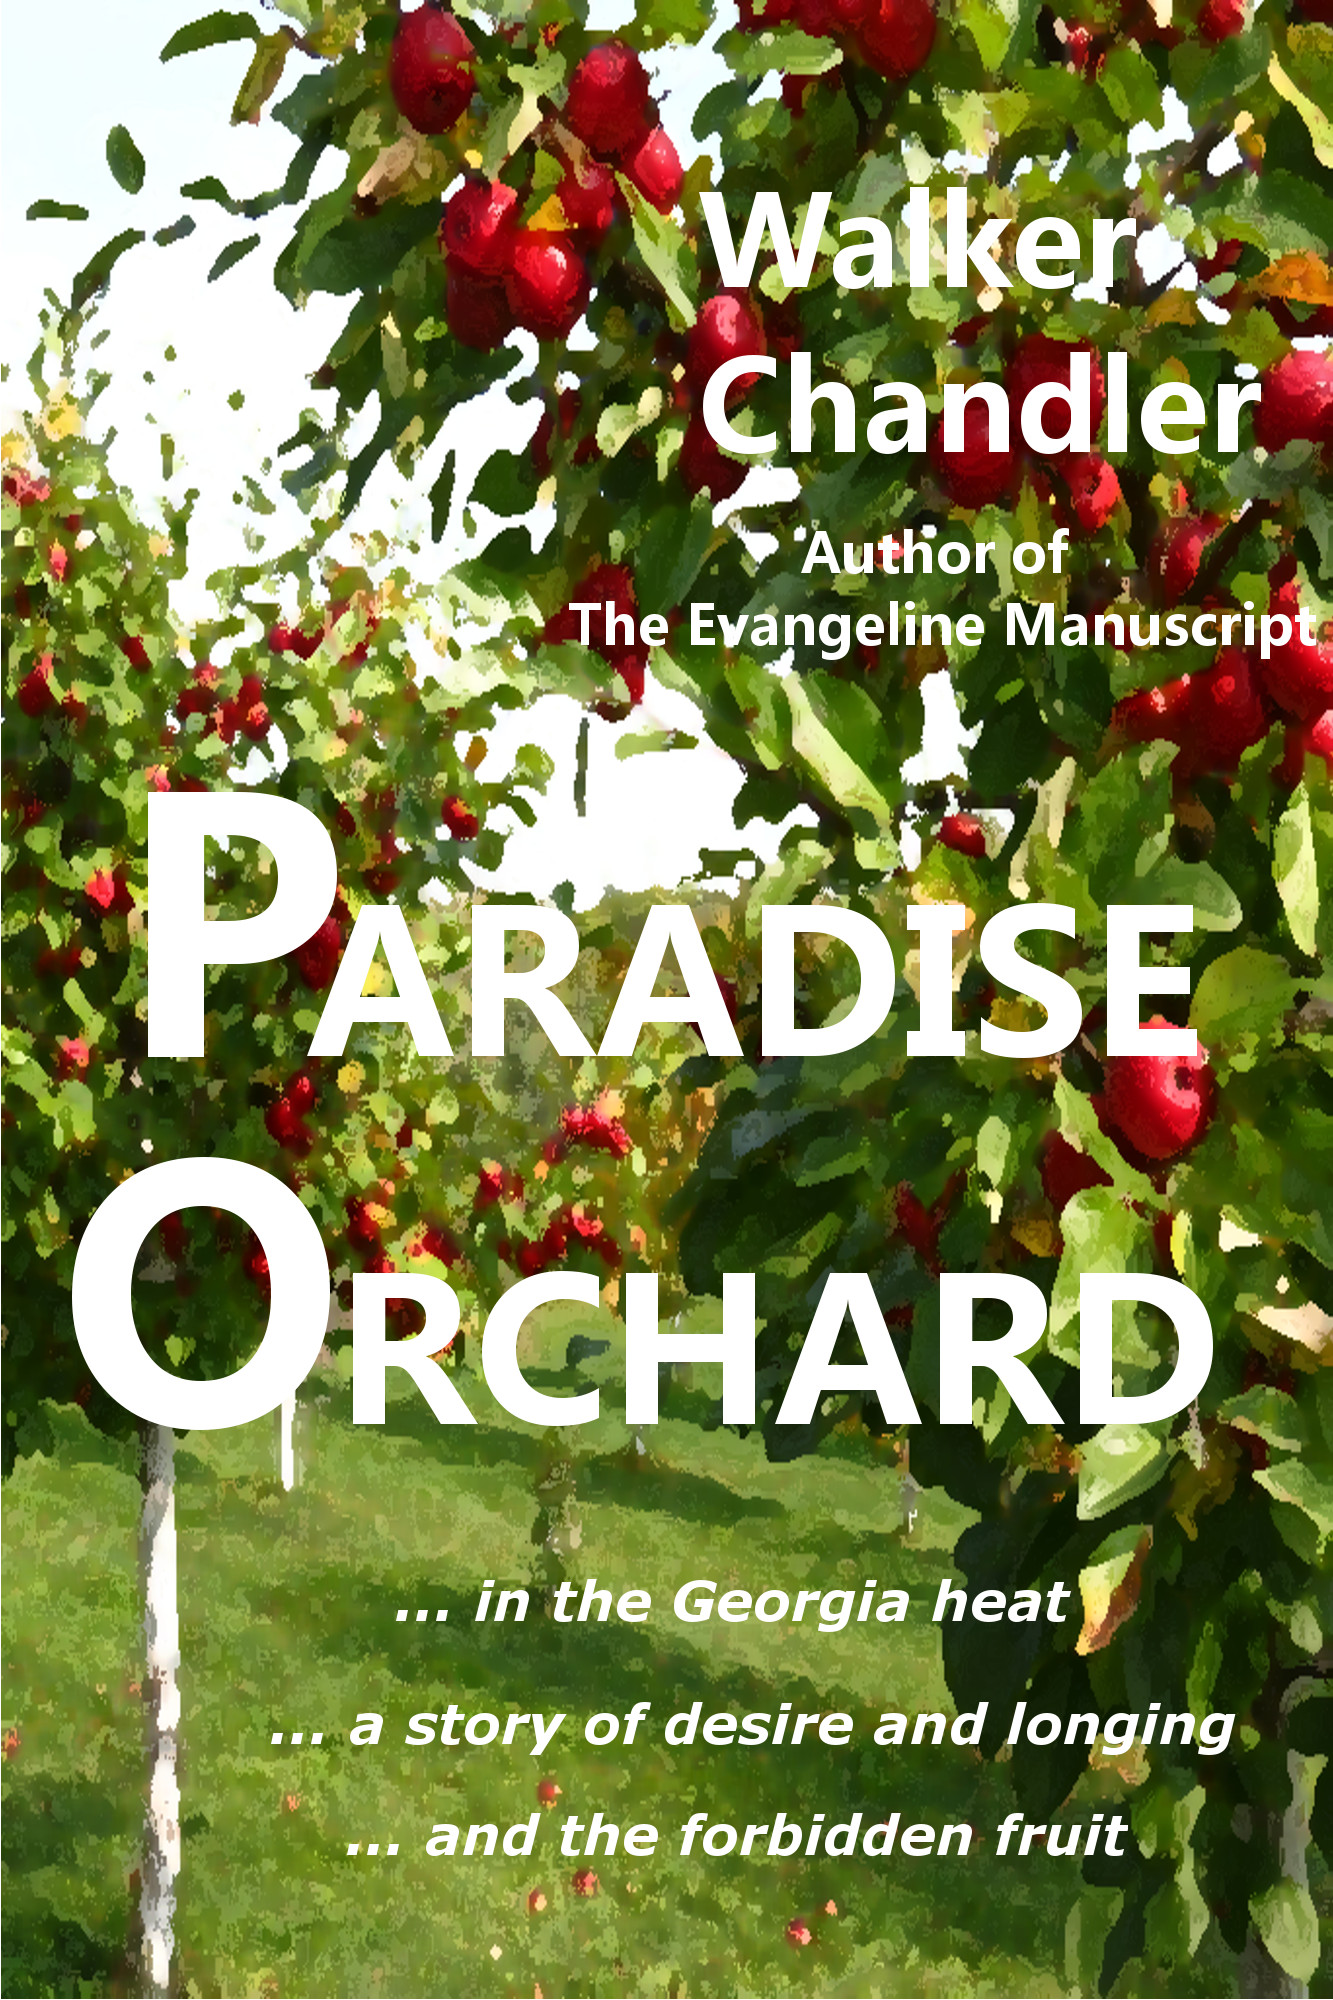 Paradise Orchard, a novel